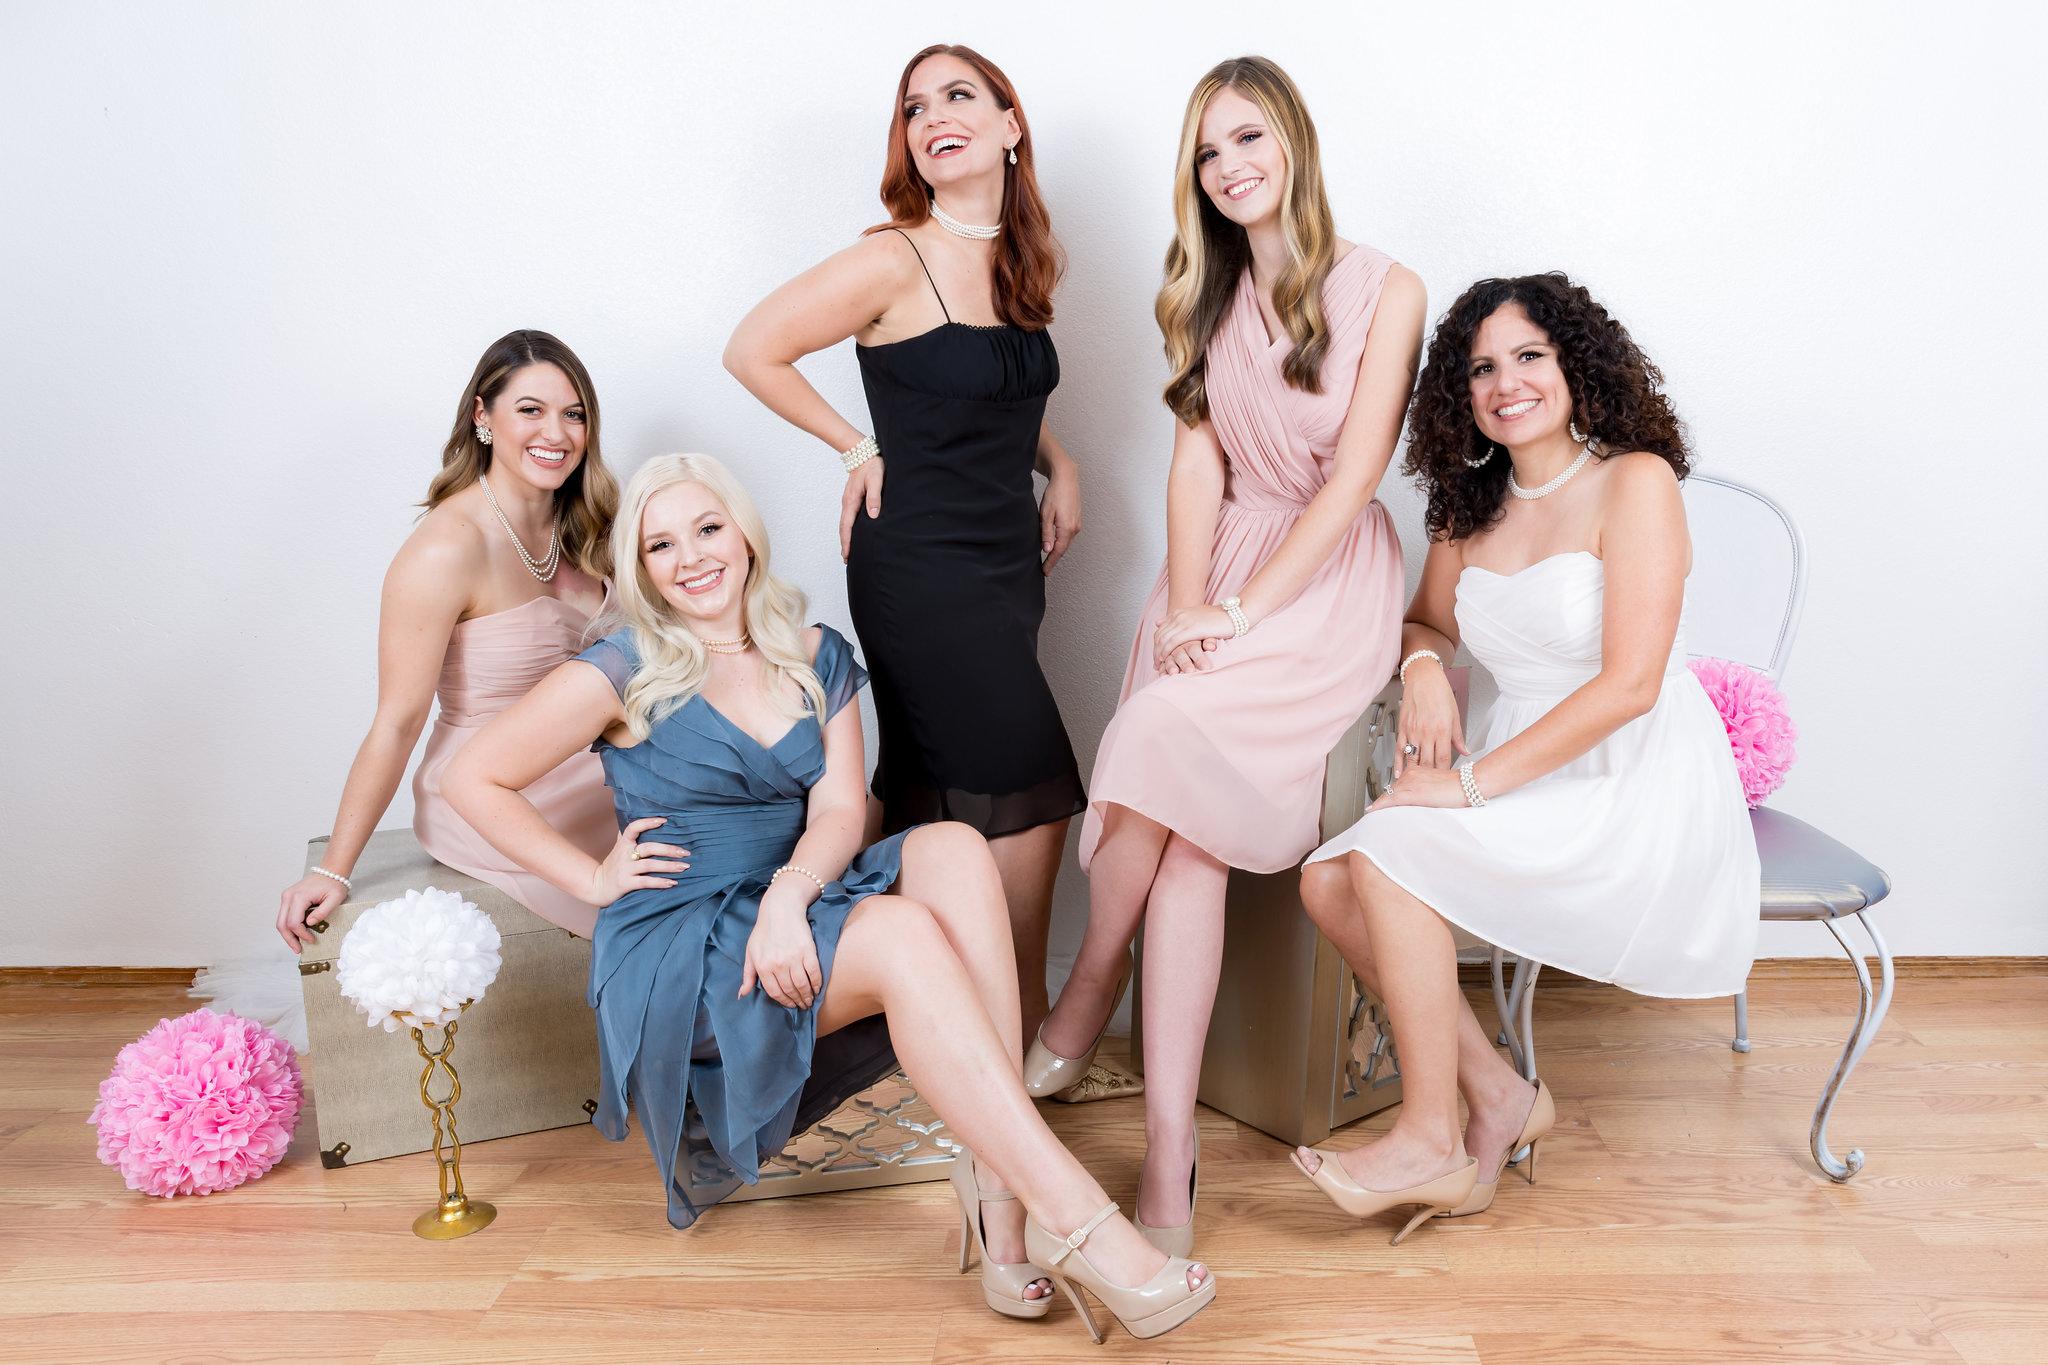 MOZZIE FOX GIRLS (actual clients)    Lydia, Kelli, Melissa, Mckenna, and Cher